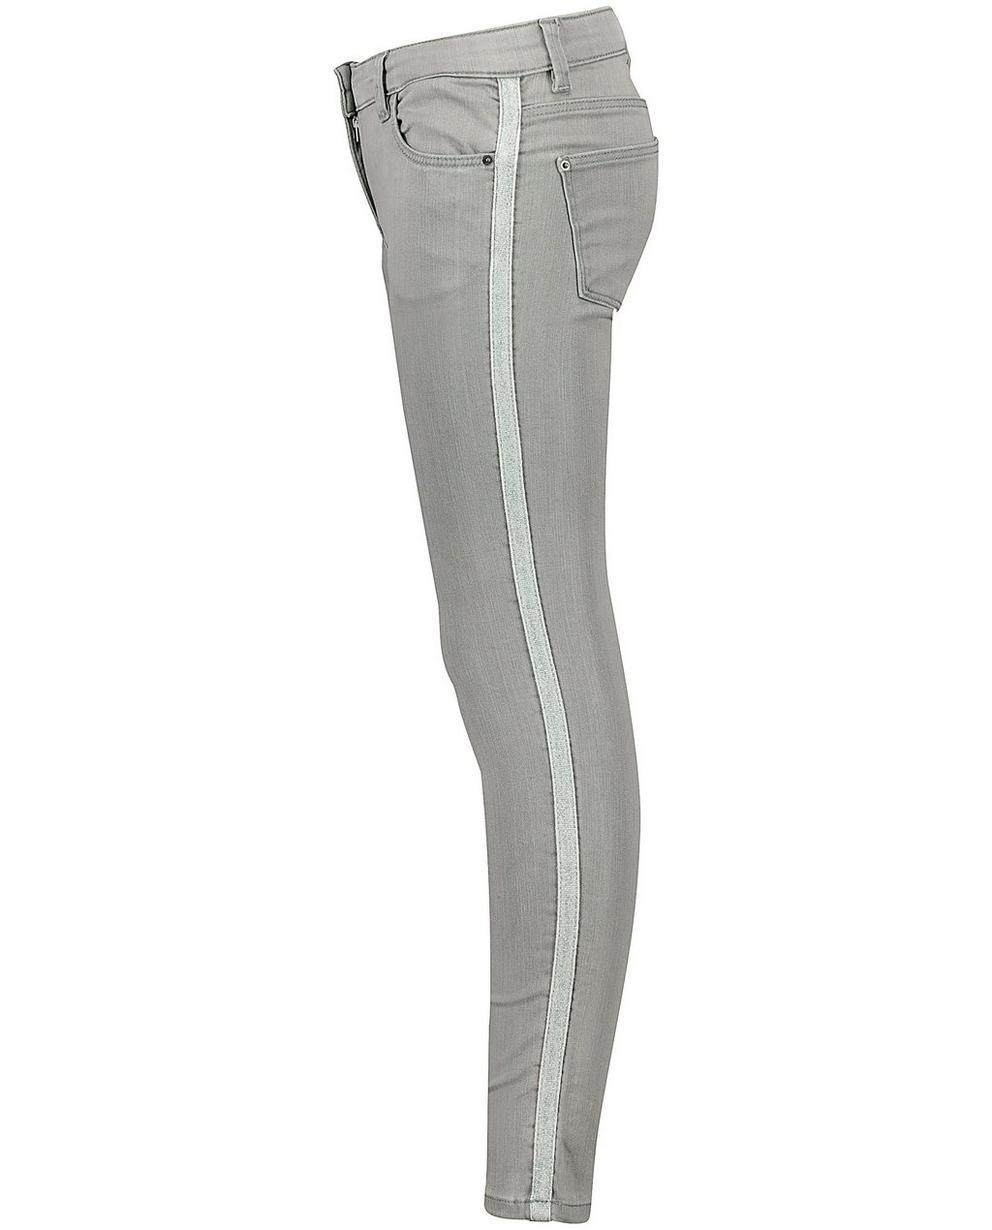 Jeans - Blassgrau - Skinny-Jeans MARIE